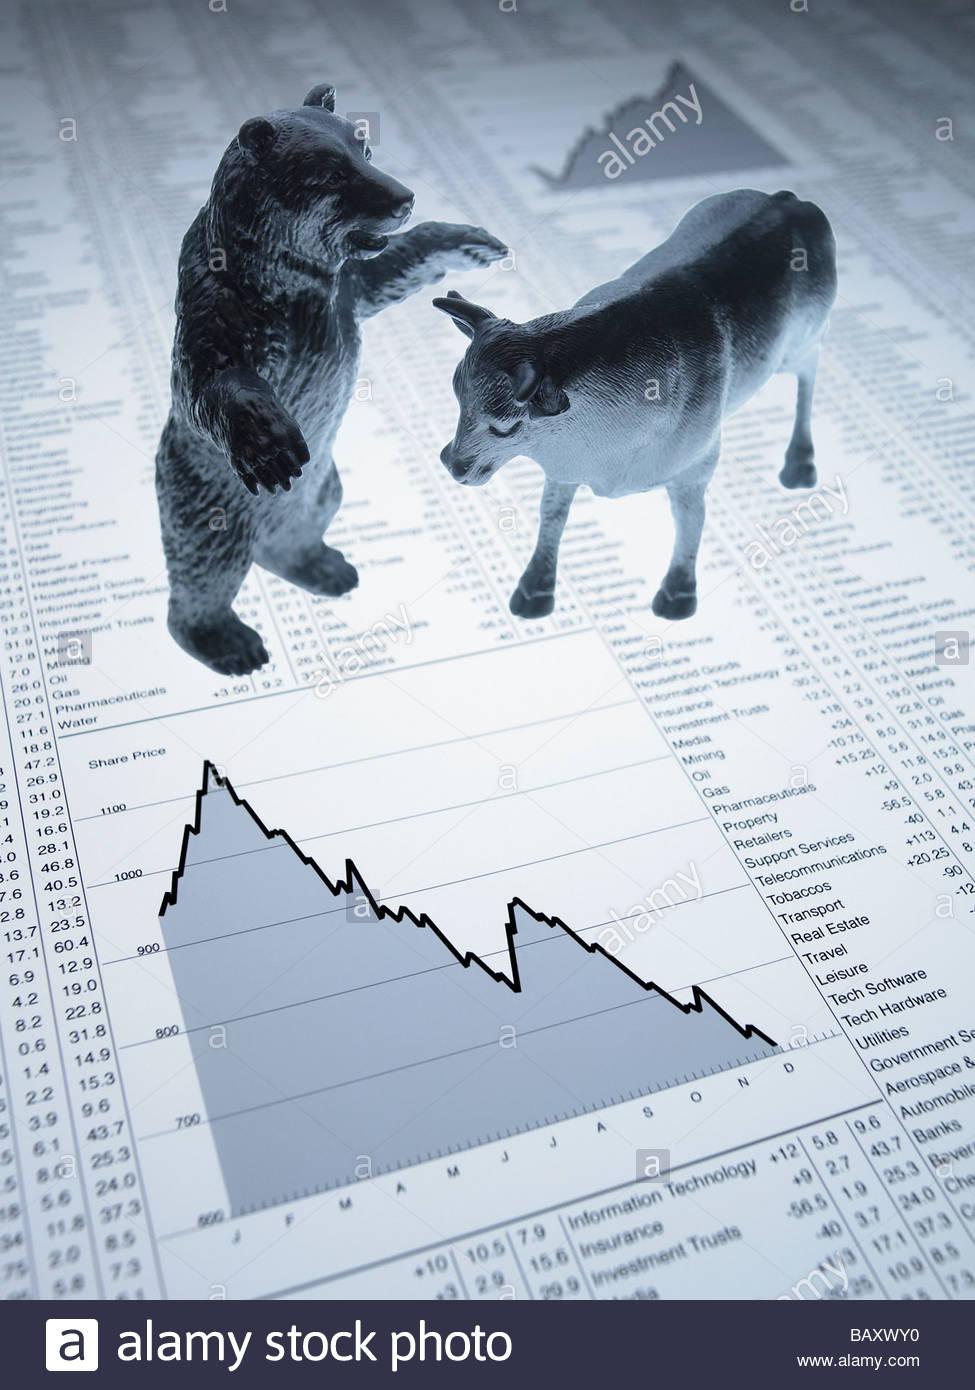 Bulle und Bär Figuren auf absteigend Liniendiagramm und Liste der Aktienkurse Stockbild